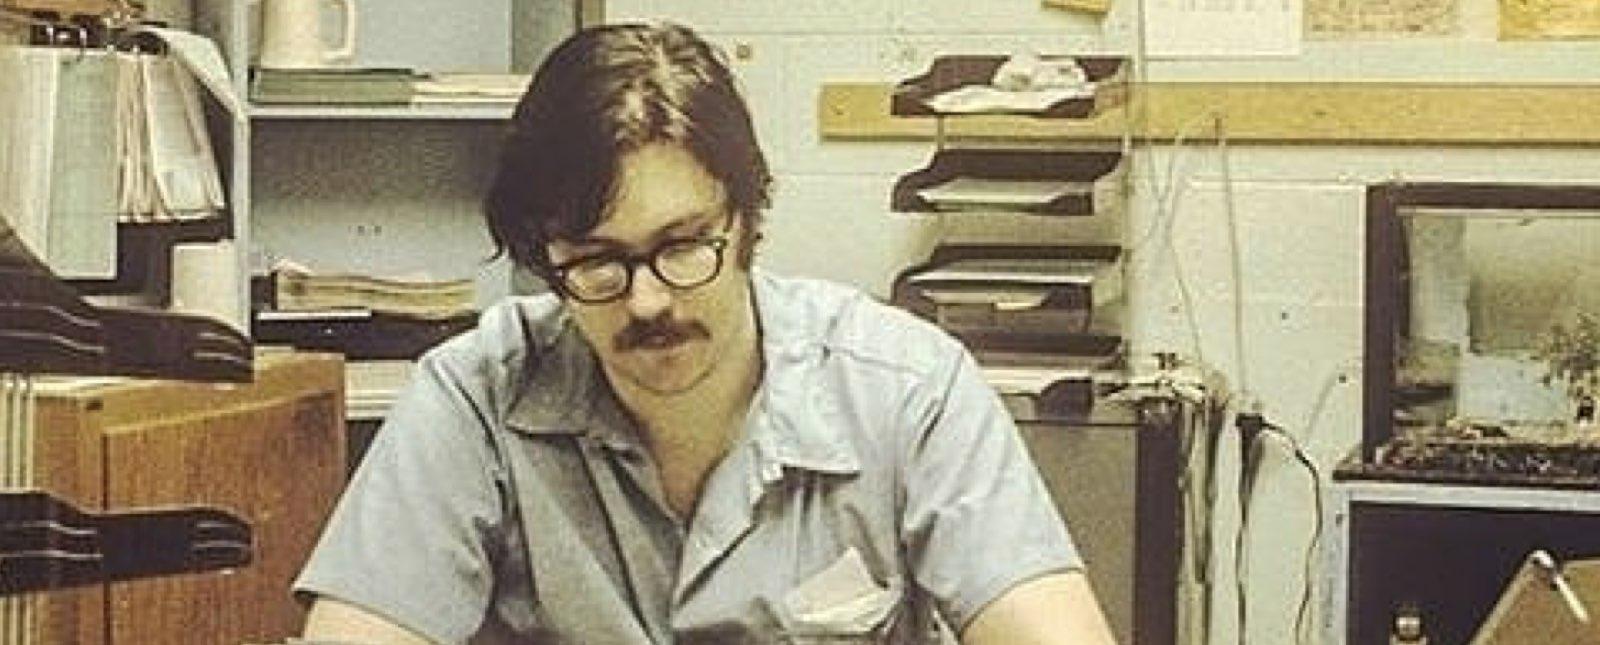 Ed Kemper: The Serial Killer Who Lent His Voice For Mainstream Audiobooks